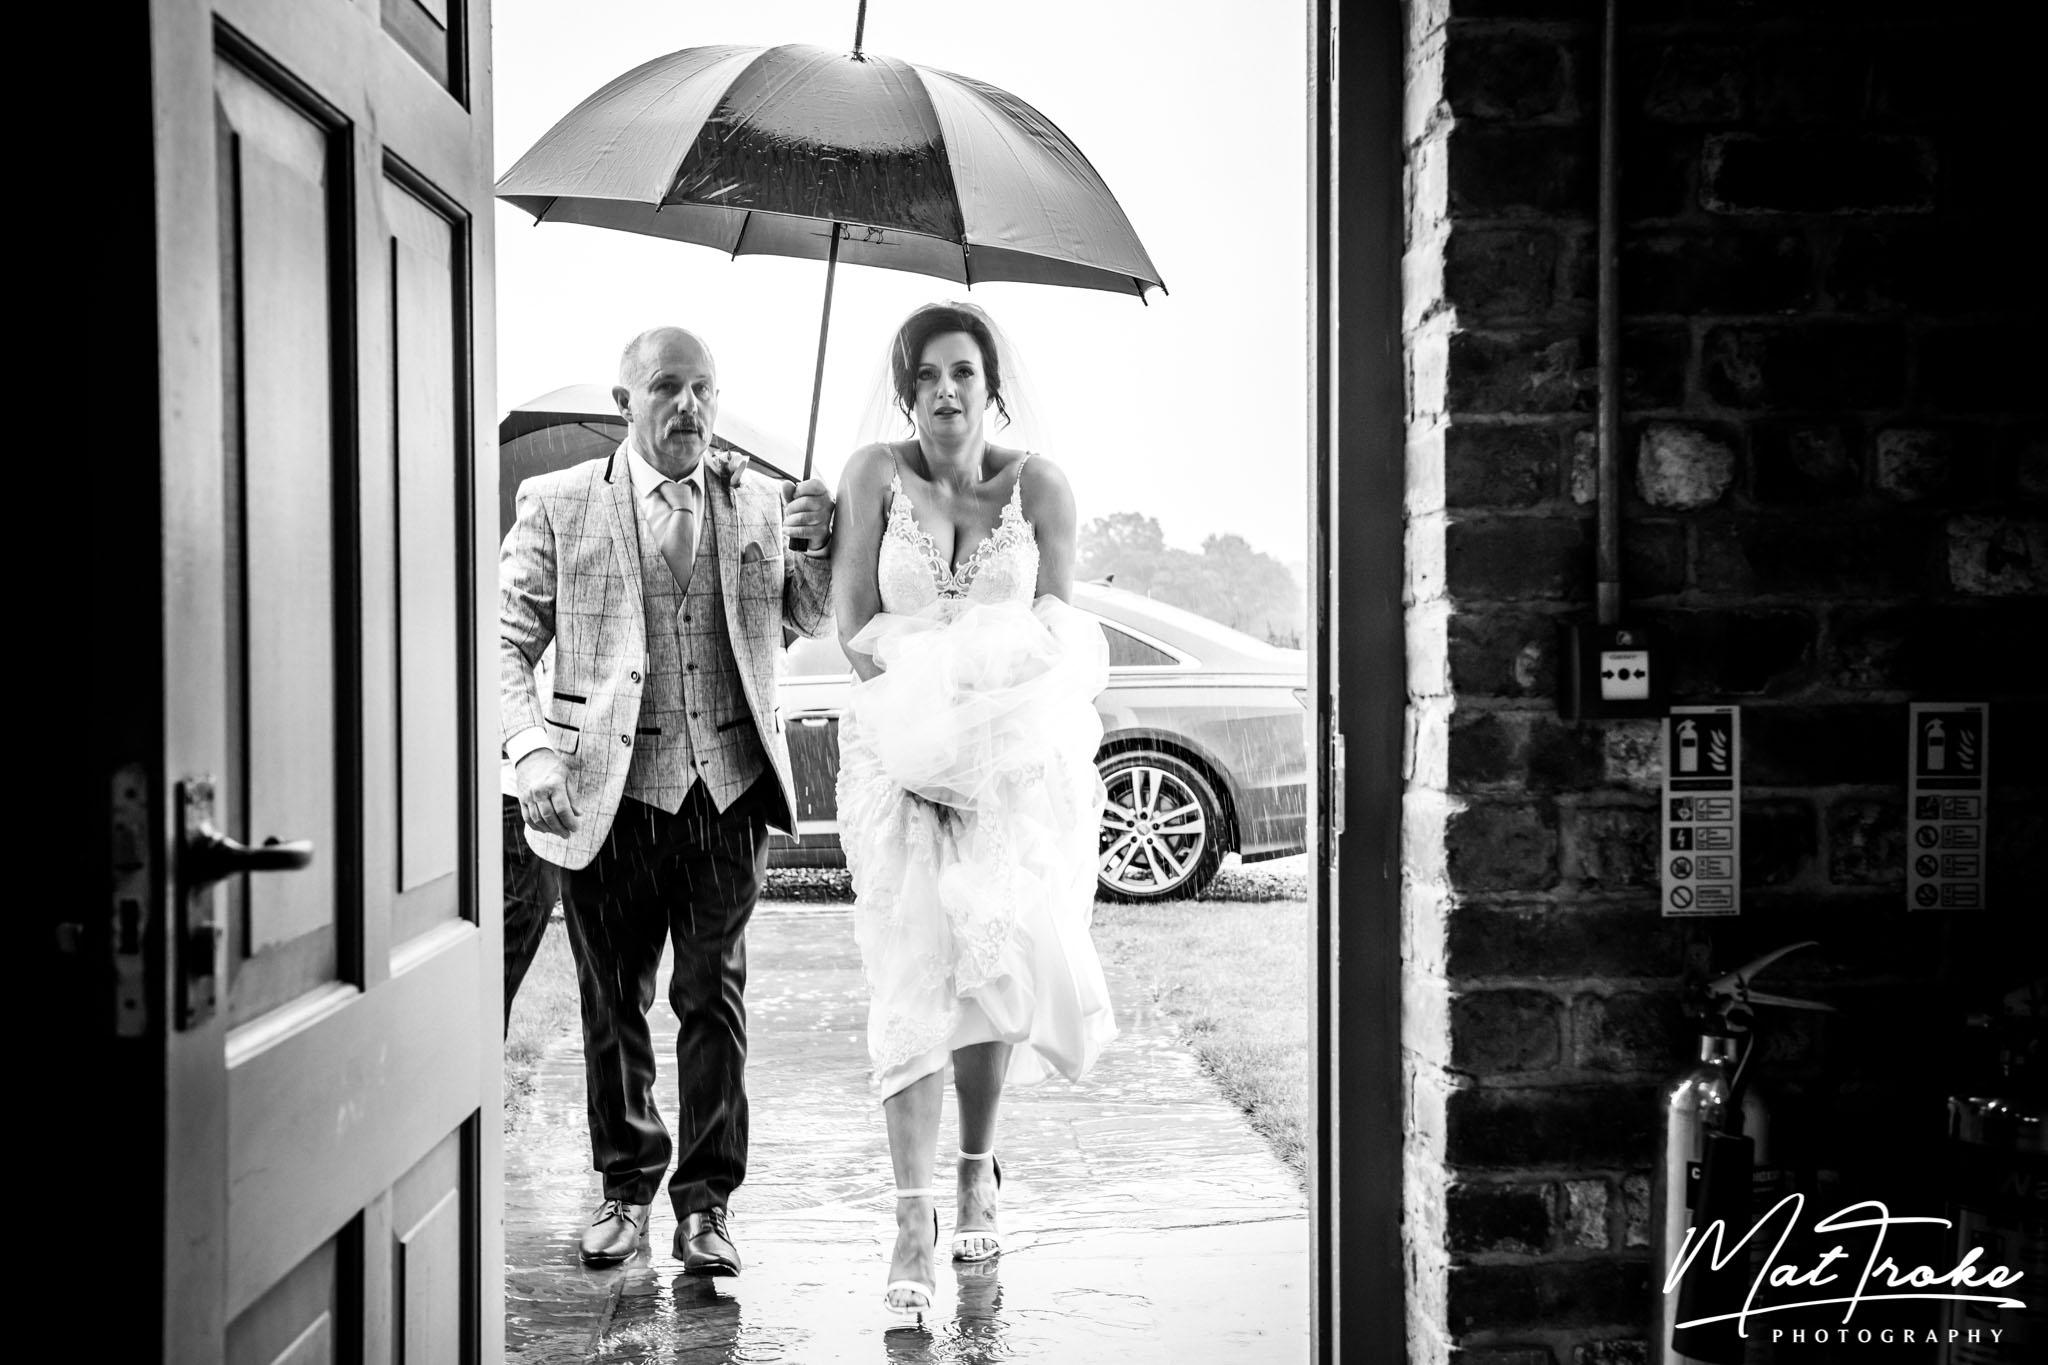 hazel-gap-barn-wedding-photography-raining-umbrella